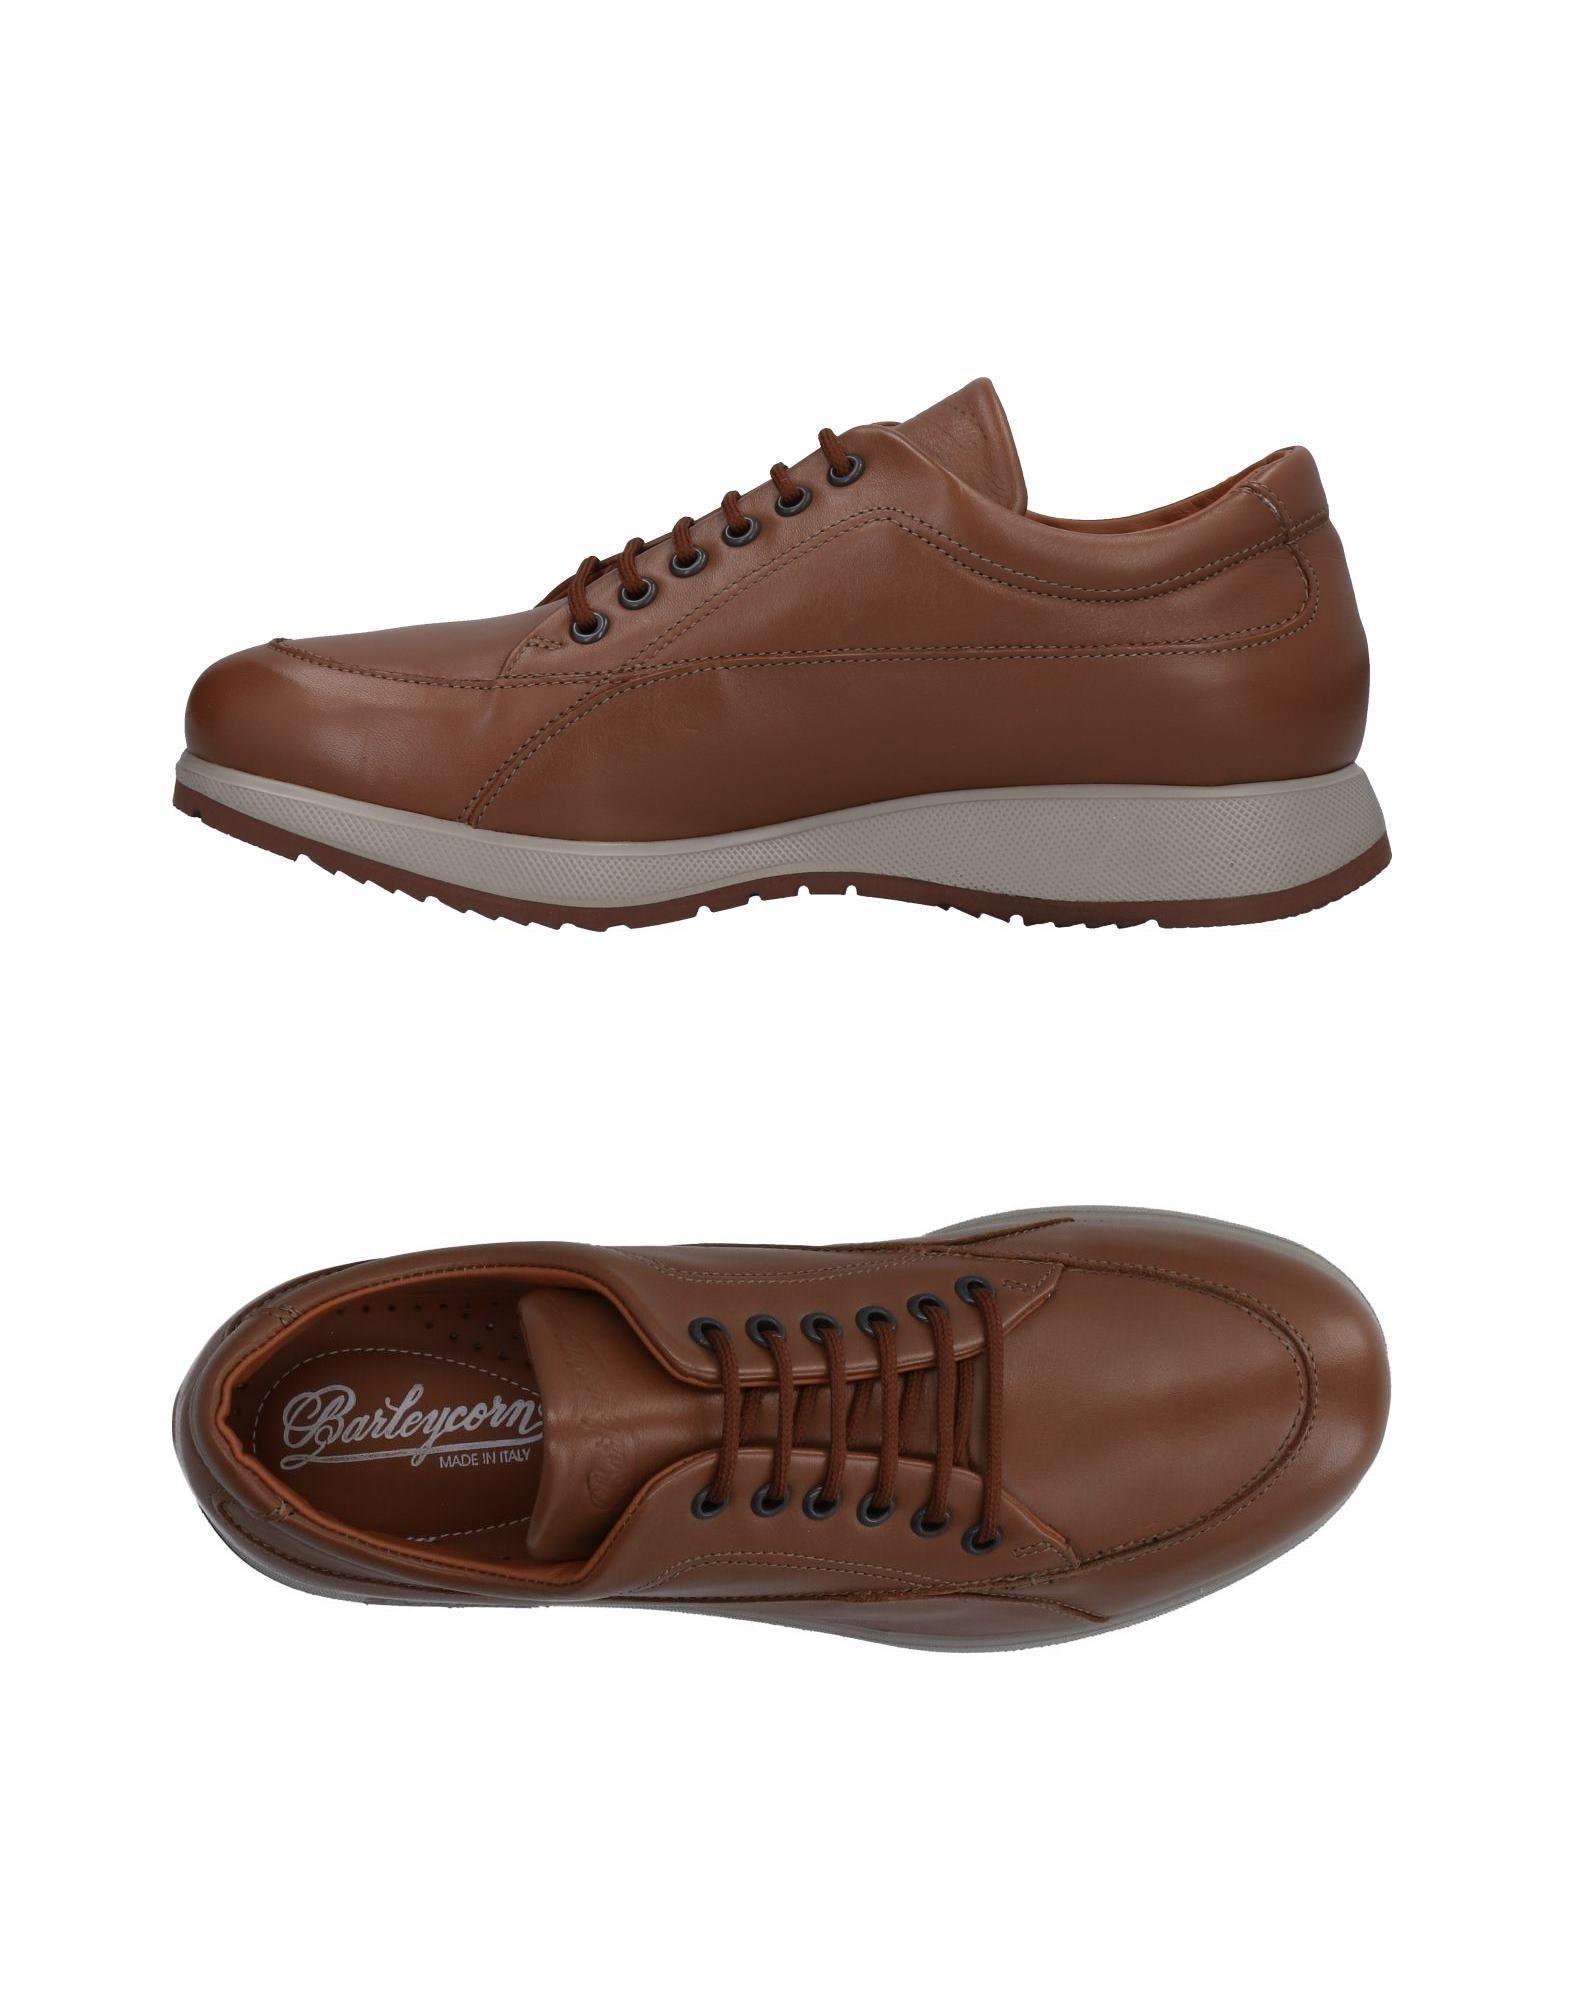 Sneakers Barleycorn Uomo - 11473105SG Scarpe economiche e buone